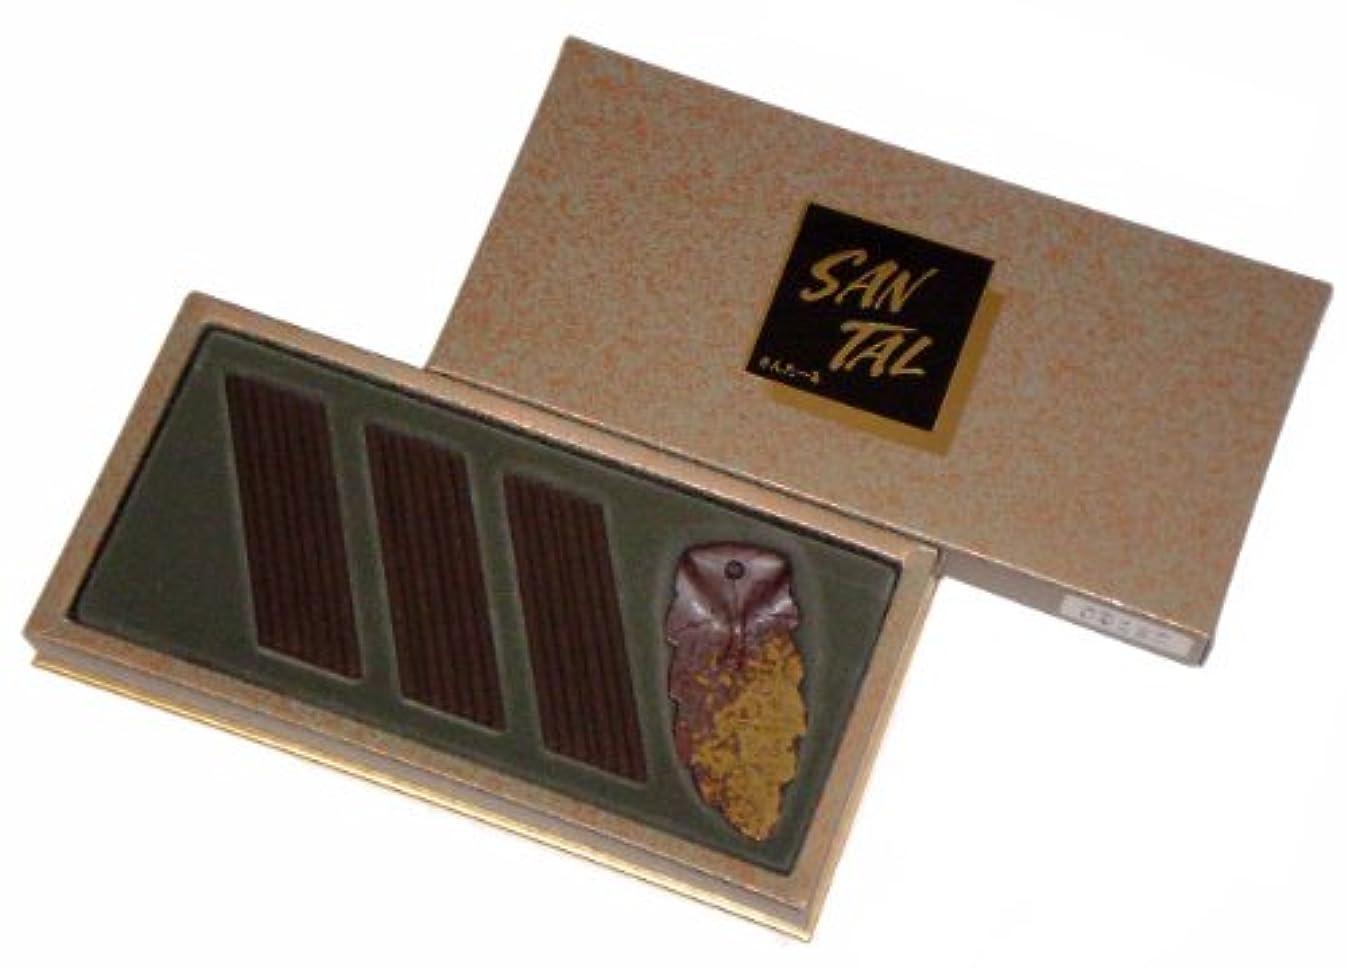 広げるびっくり黒板玉初堂のお香 サンタール スティックレギュラーセット #5212